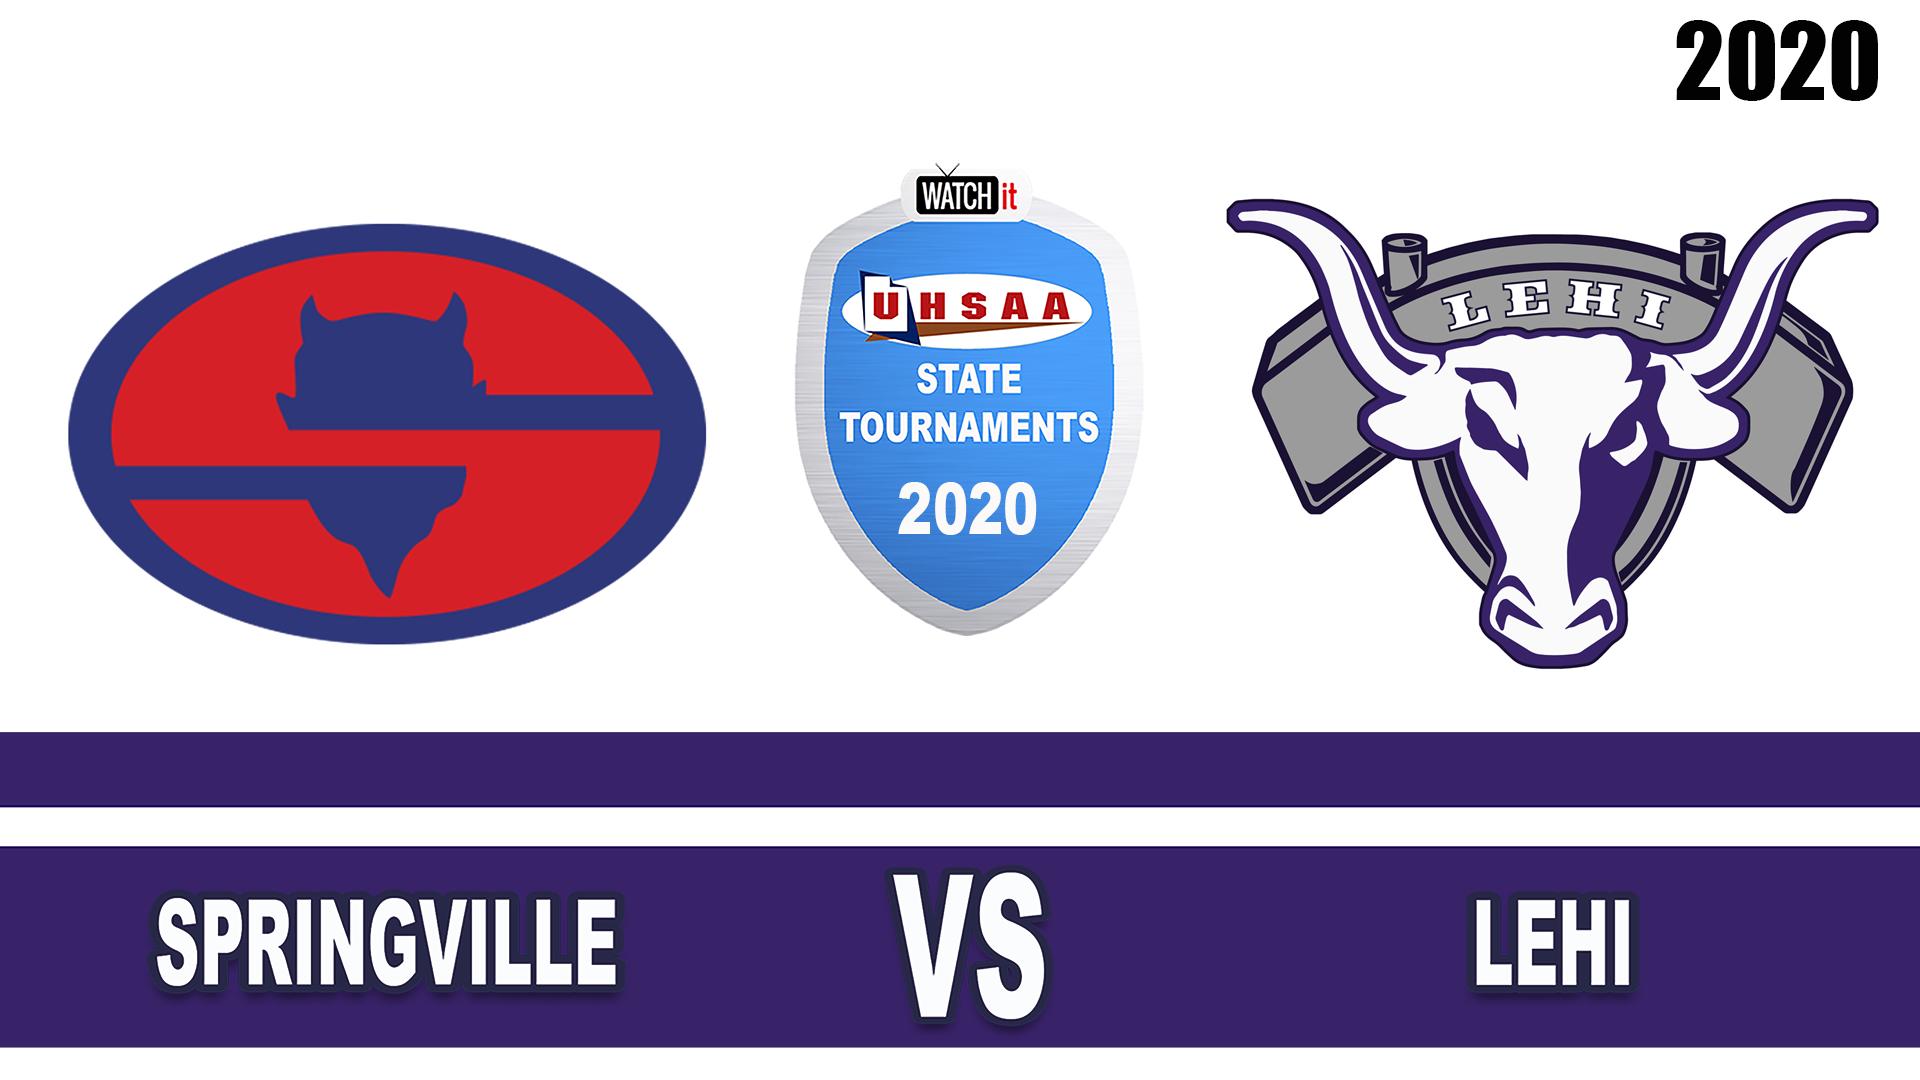 Springville vs Lehi